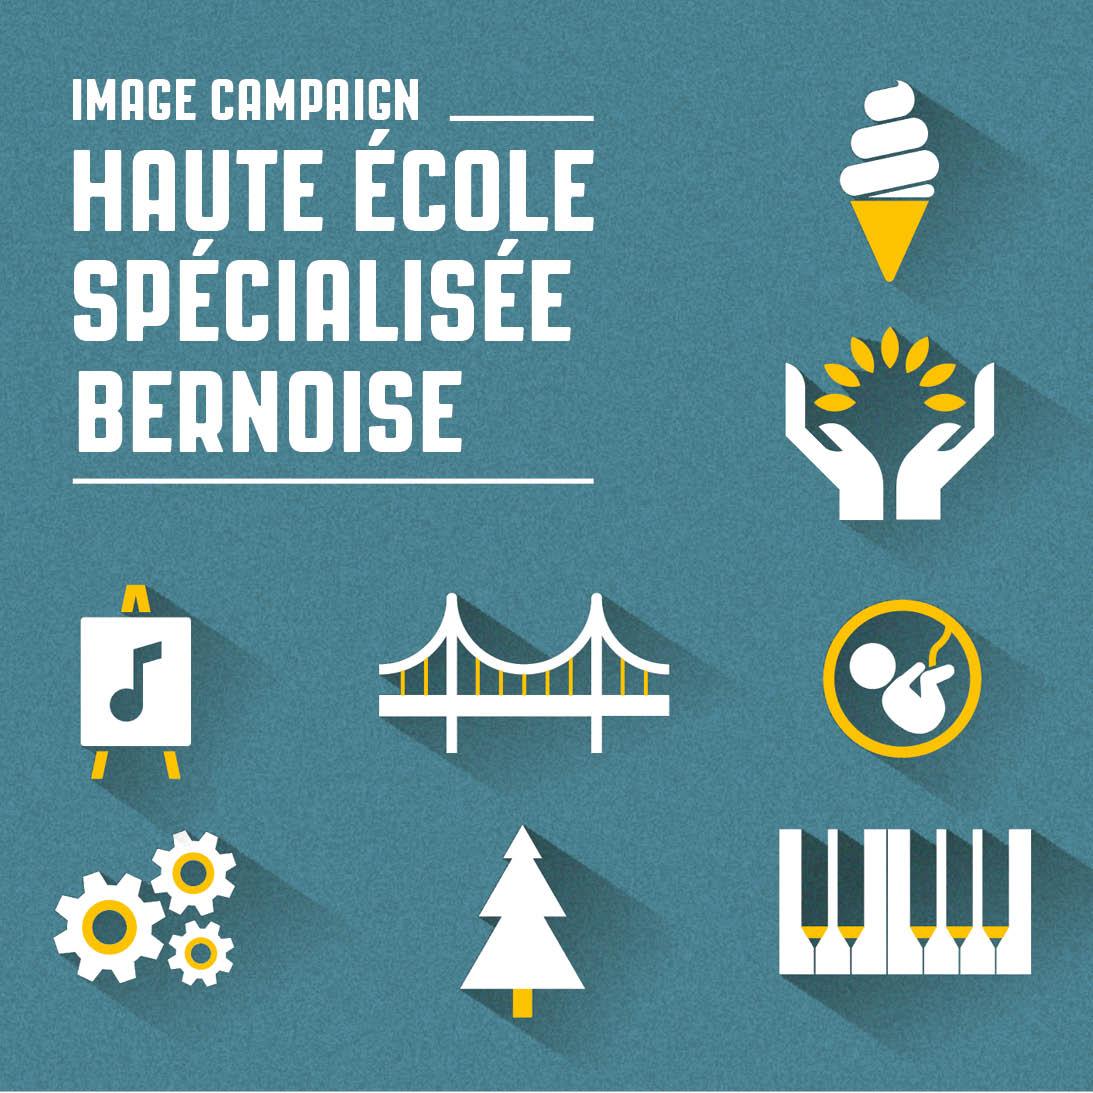 Campagne d'image pour la Haute école spécialisée bernoise